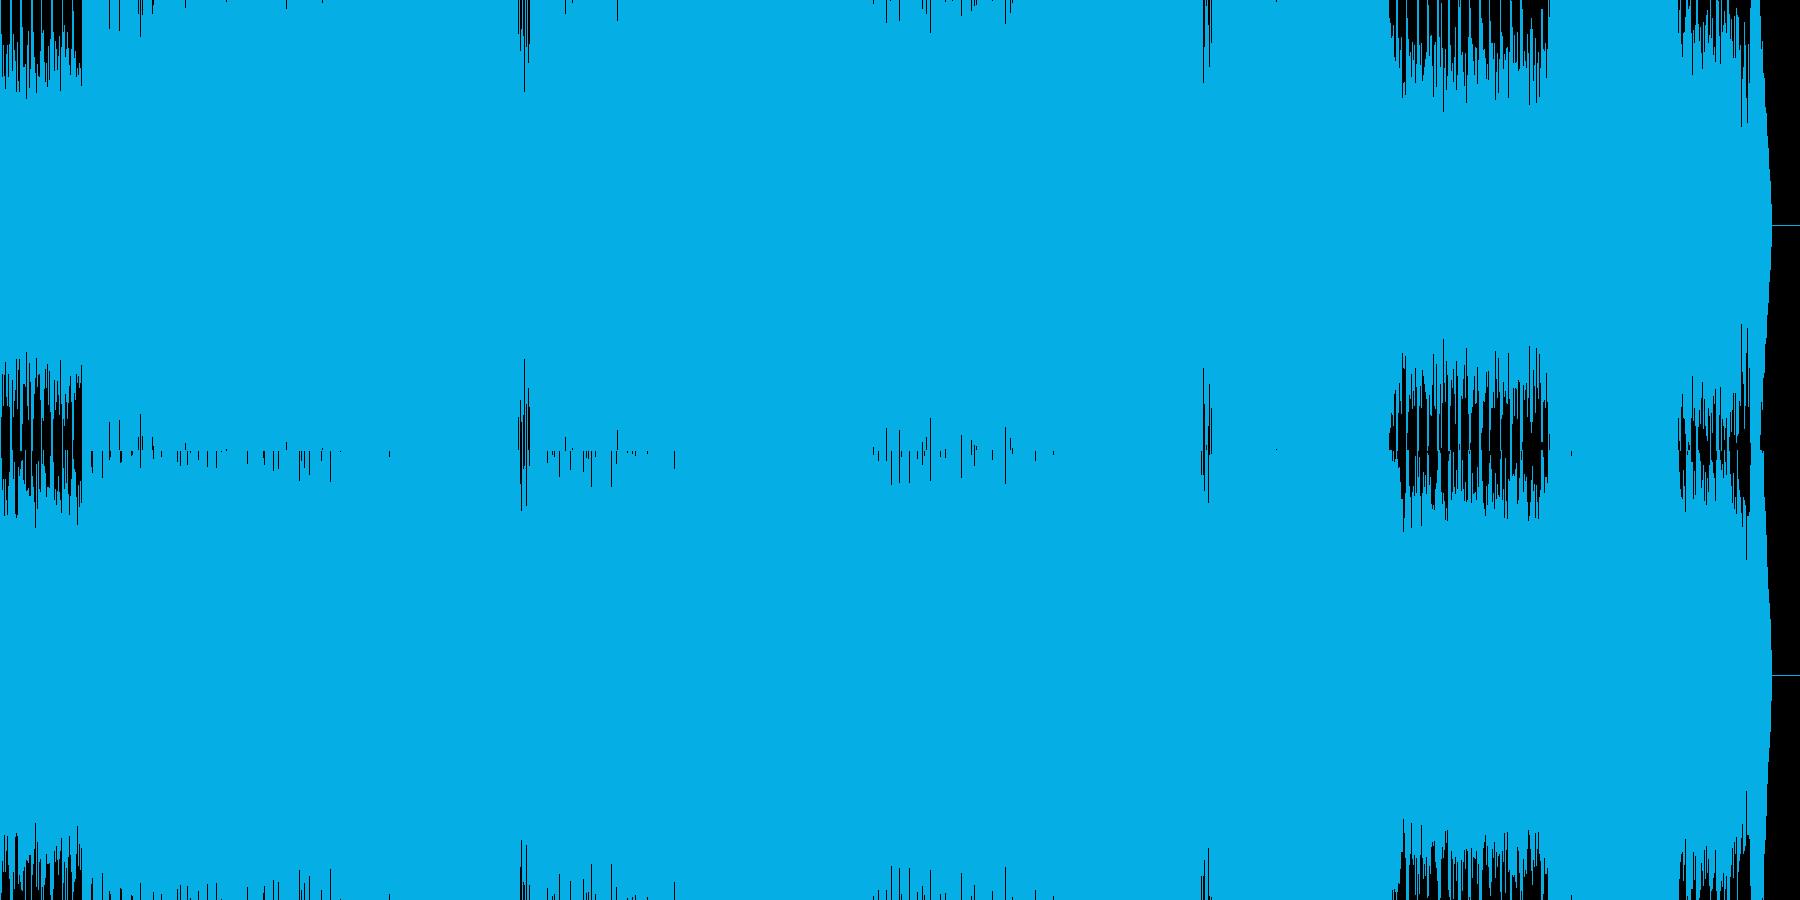 切ない雰囲気のEDM系サウンドの再生済みの波形